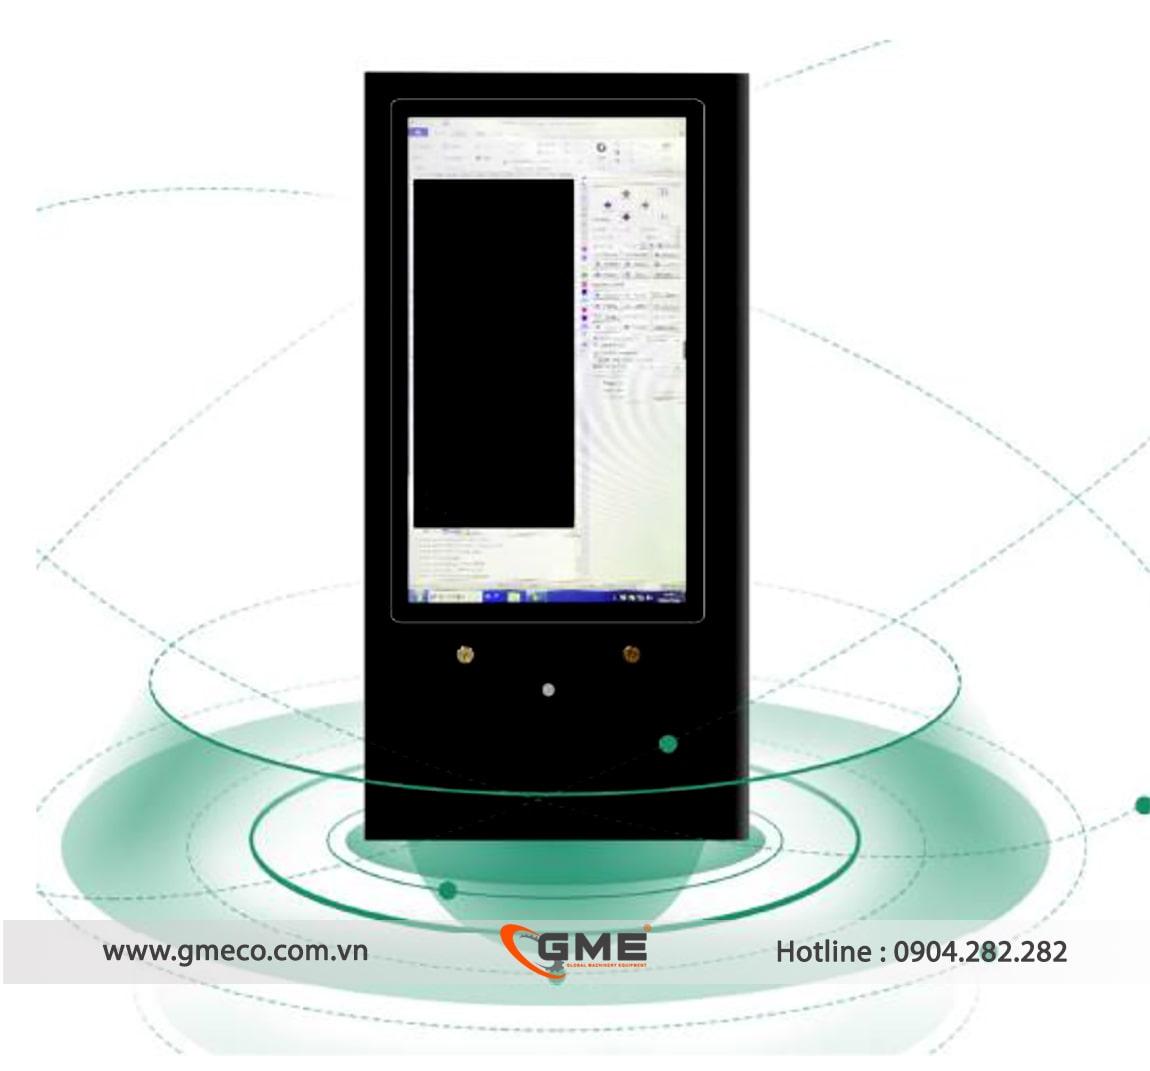 Màn hình điều khiển thông minh kiểu cảm ứng 32 inch min